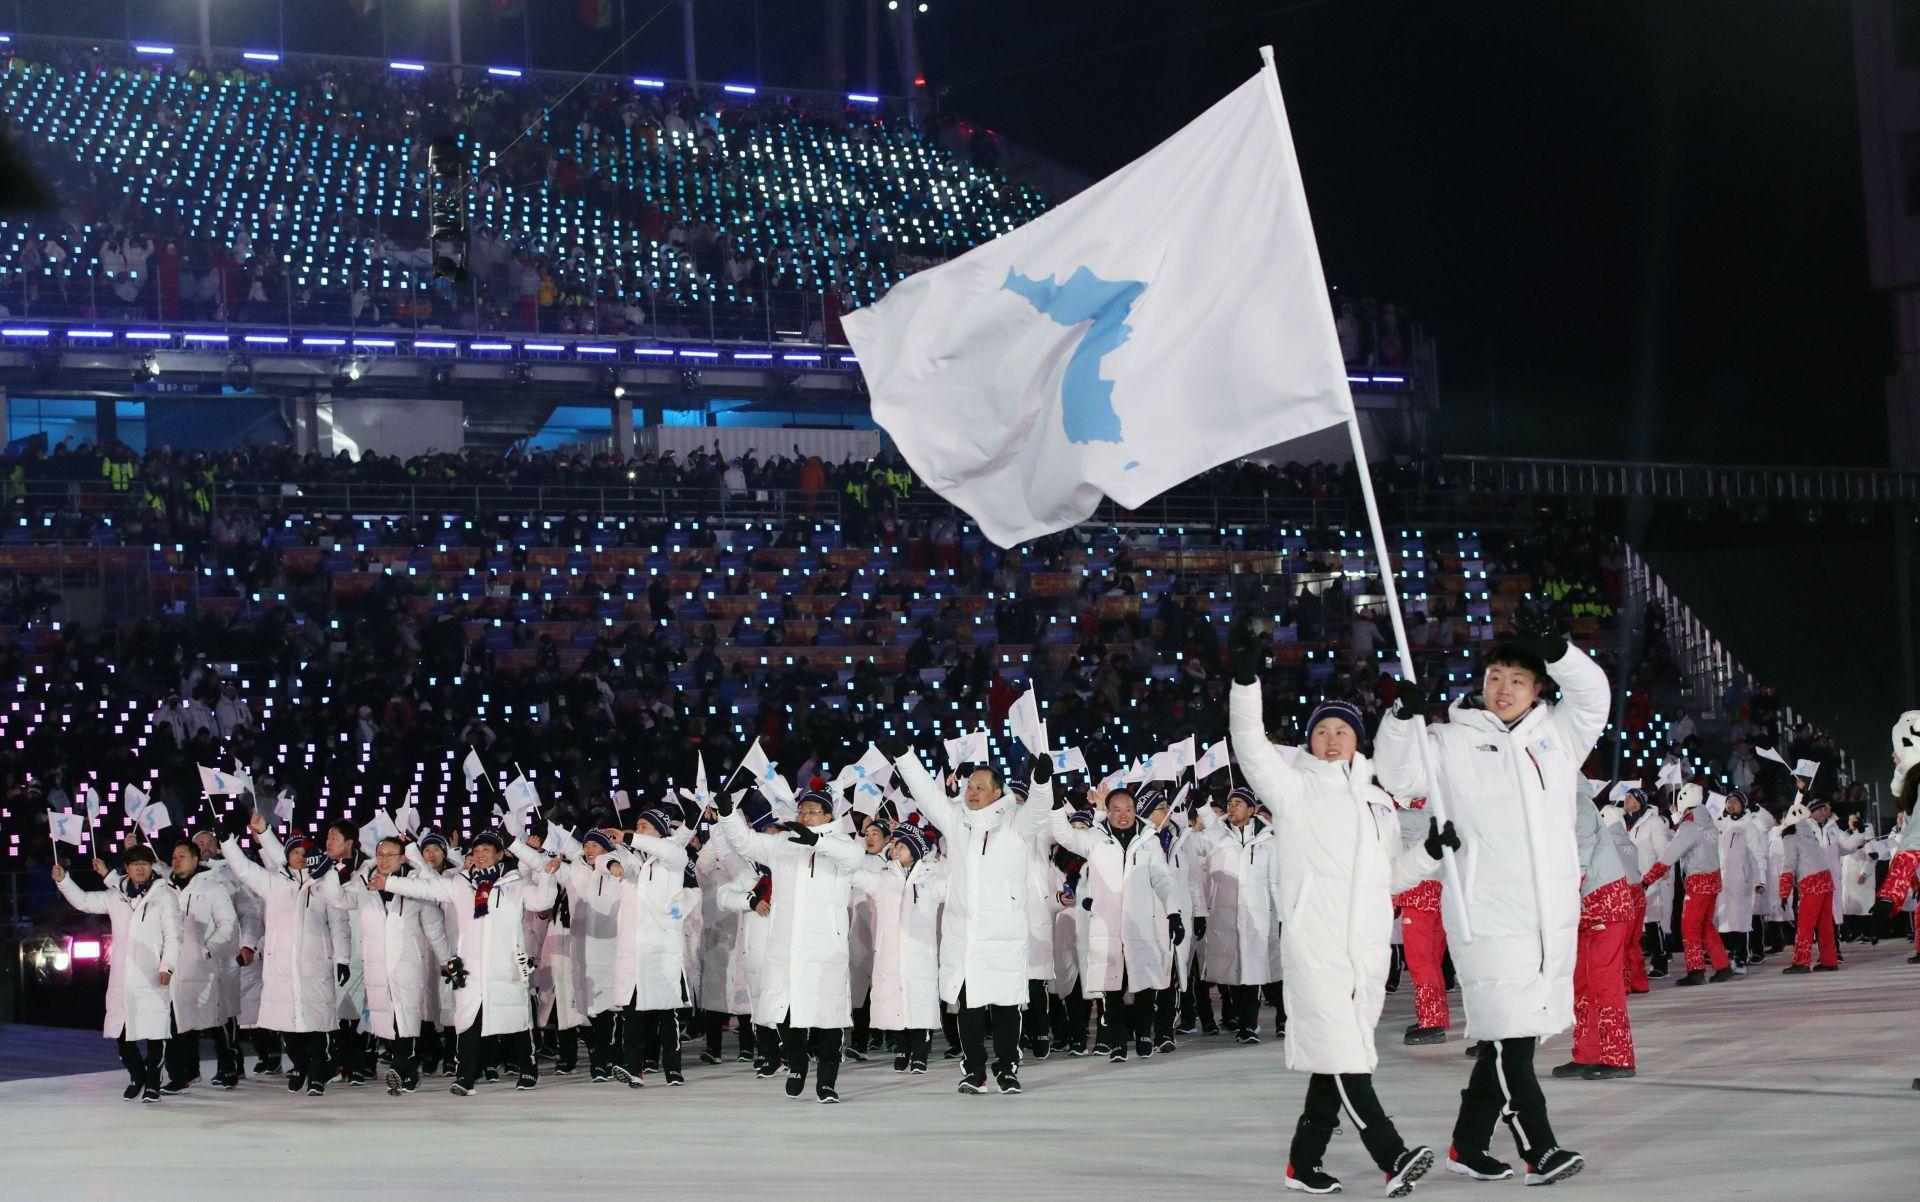 Unifiedinter-KoreanteamarrivesattheOpeningCeremonyofthePyeongChang2018OlympicGames